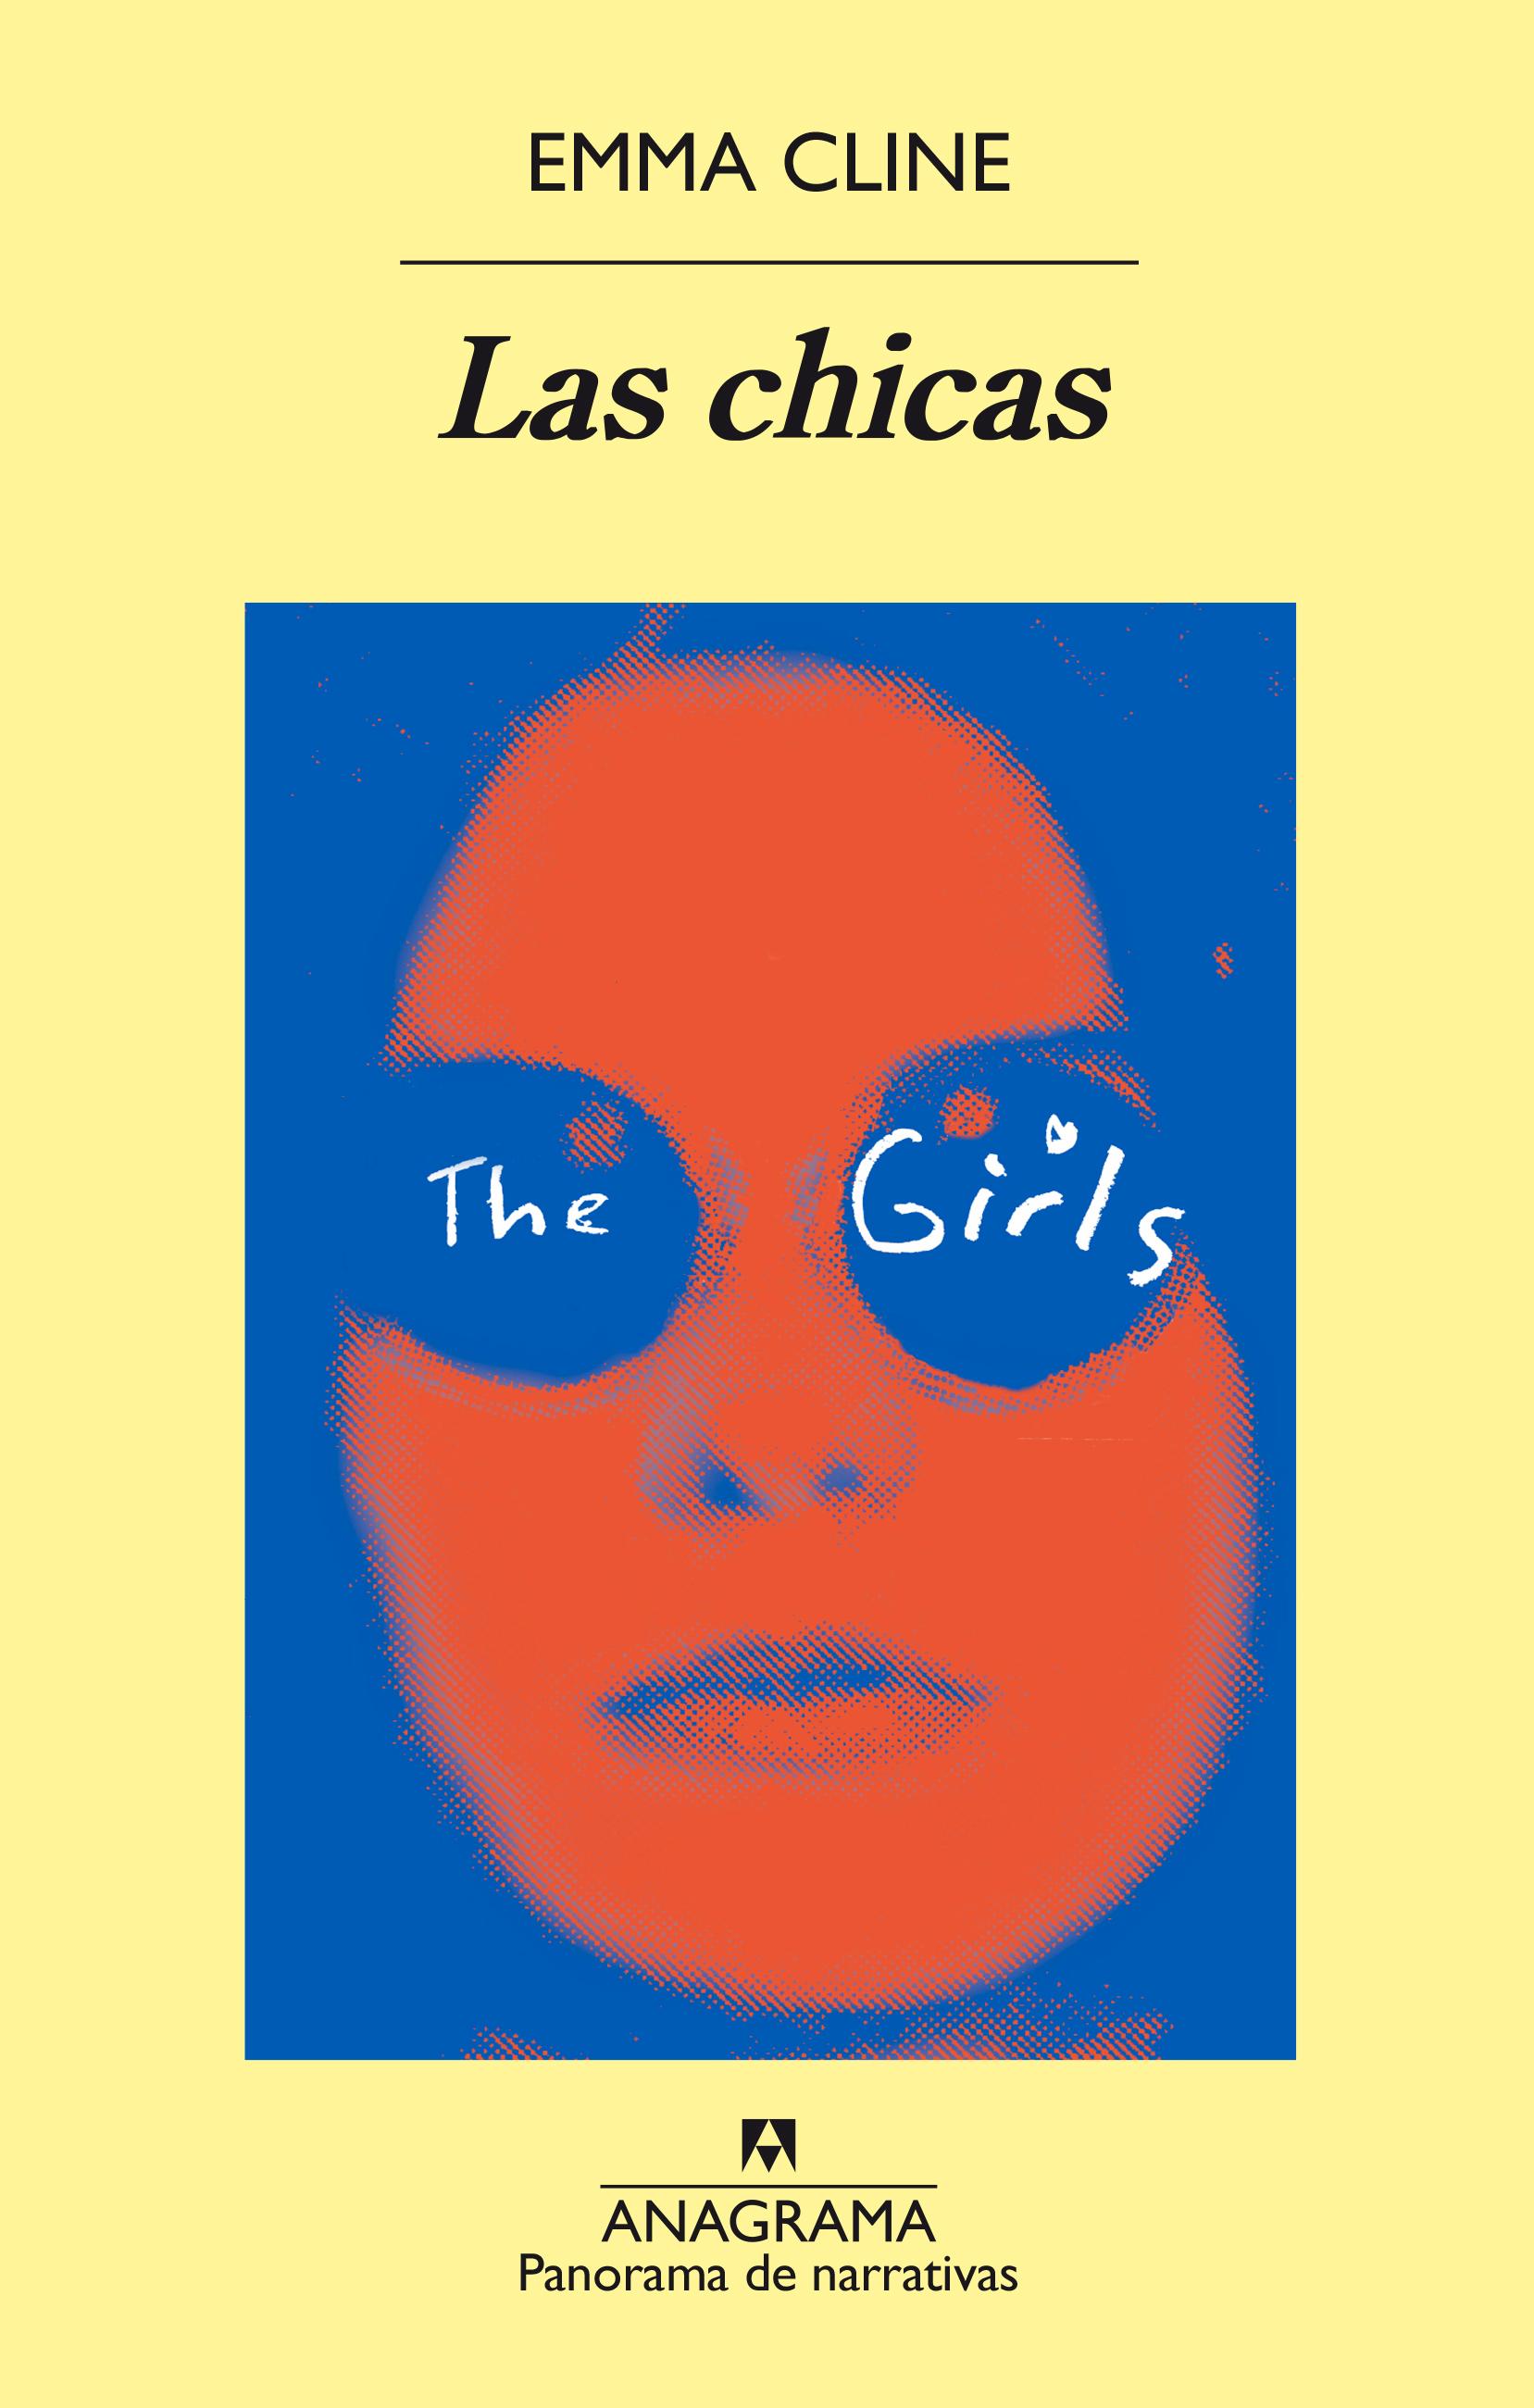 'Las chicas', el debut literario de Emma Cline es el libro del otoño.